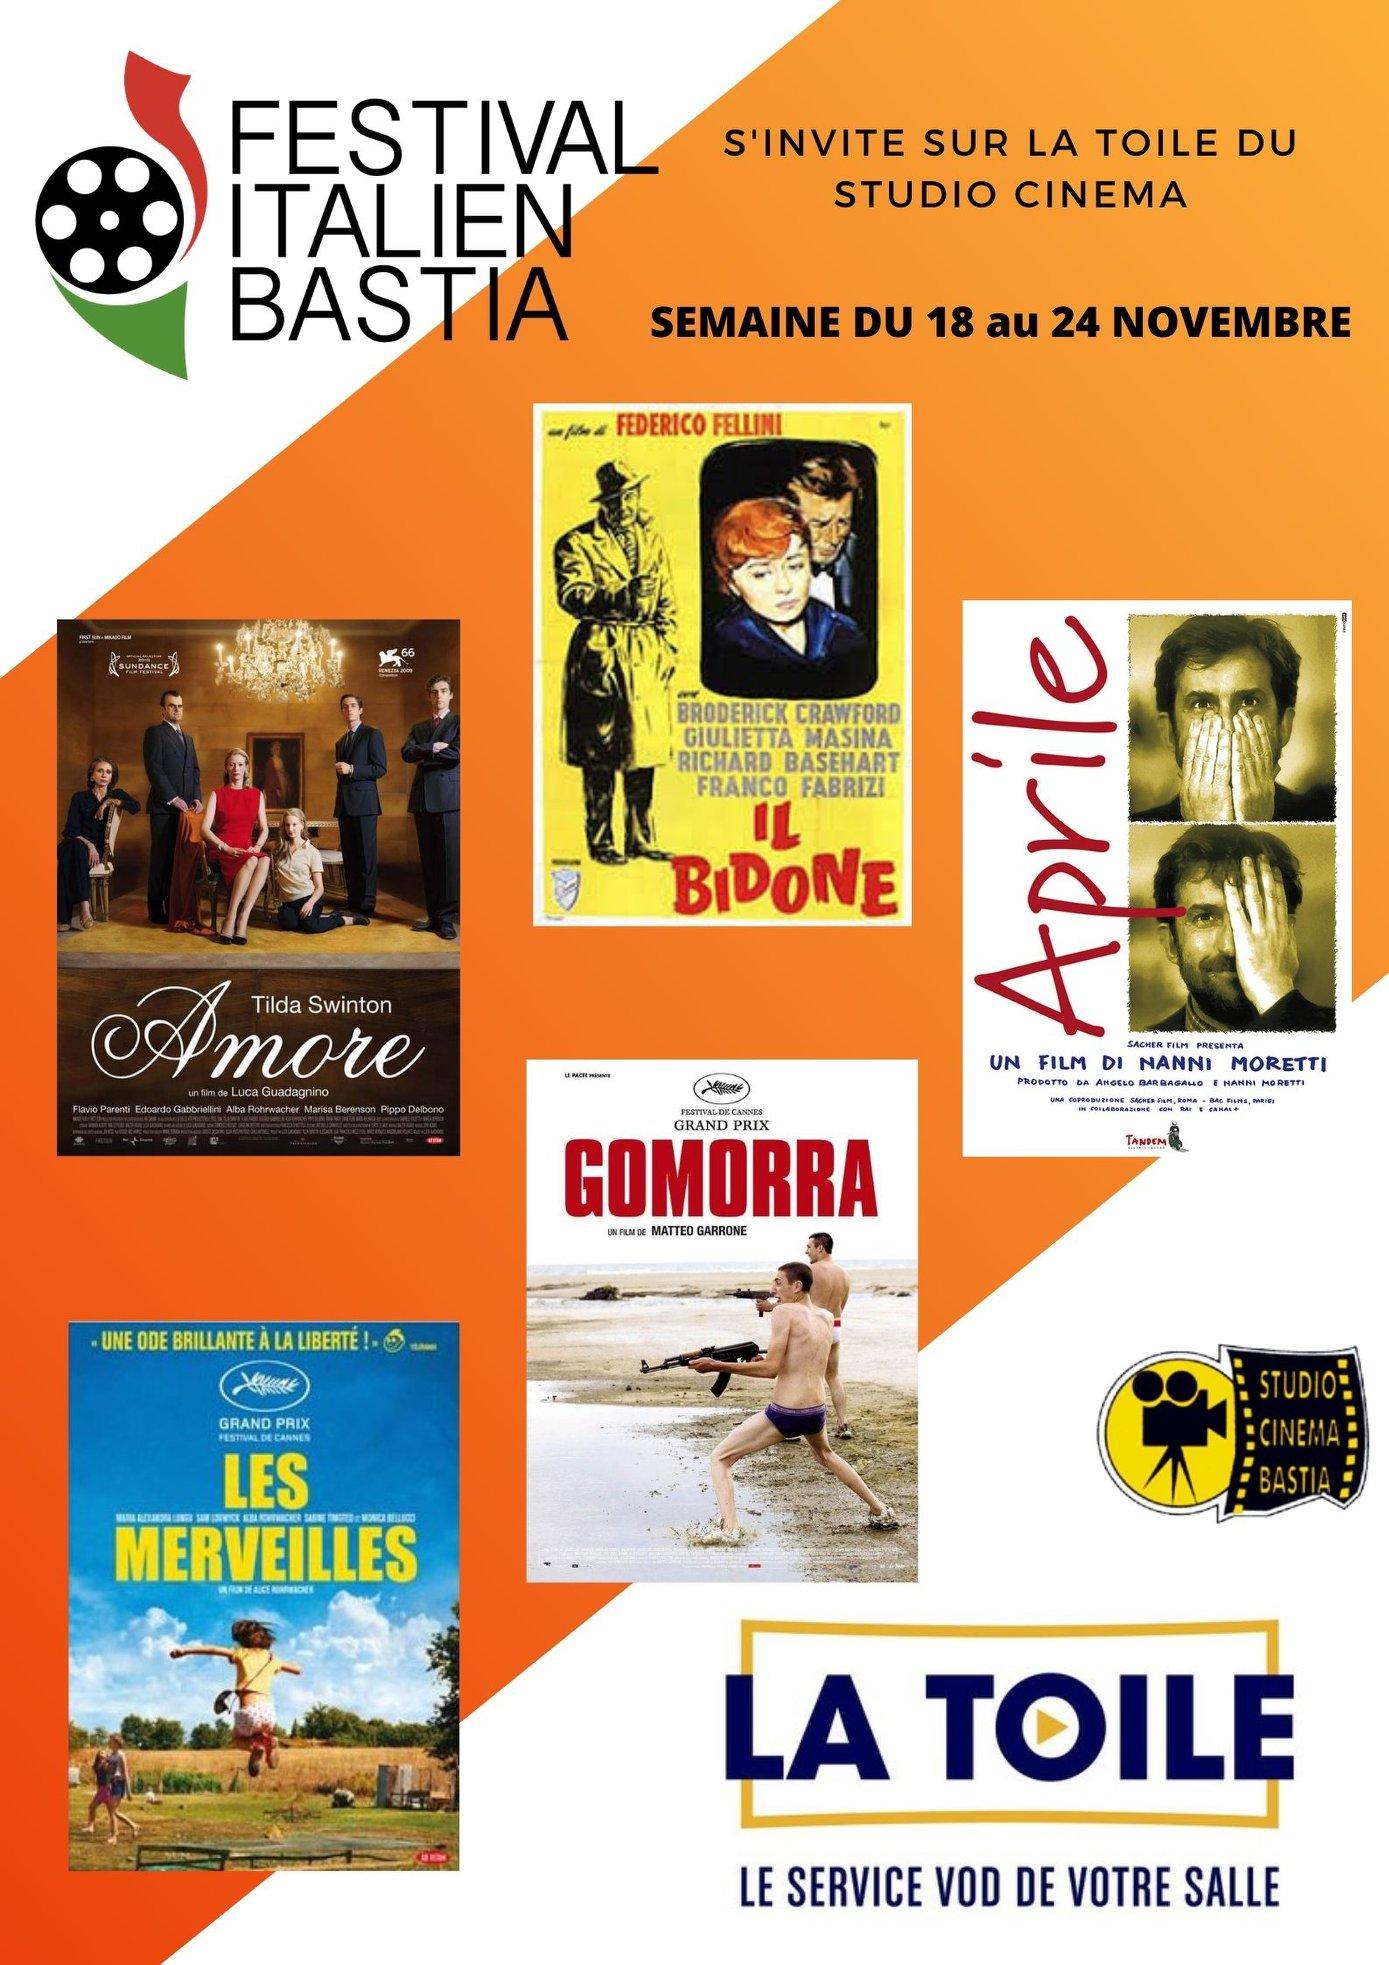 Le Festival du film italien de Bastia s'invite sur la toile du Cinéma Le Studio !